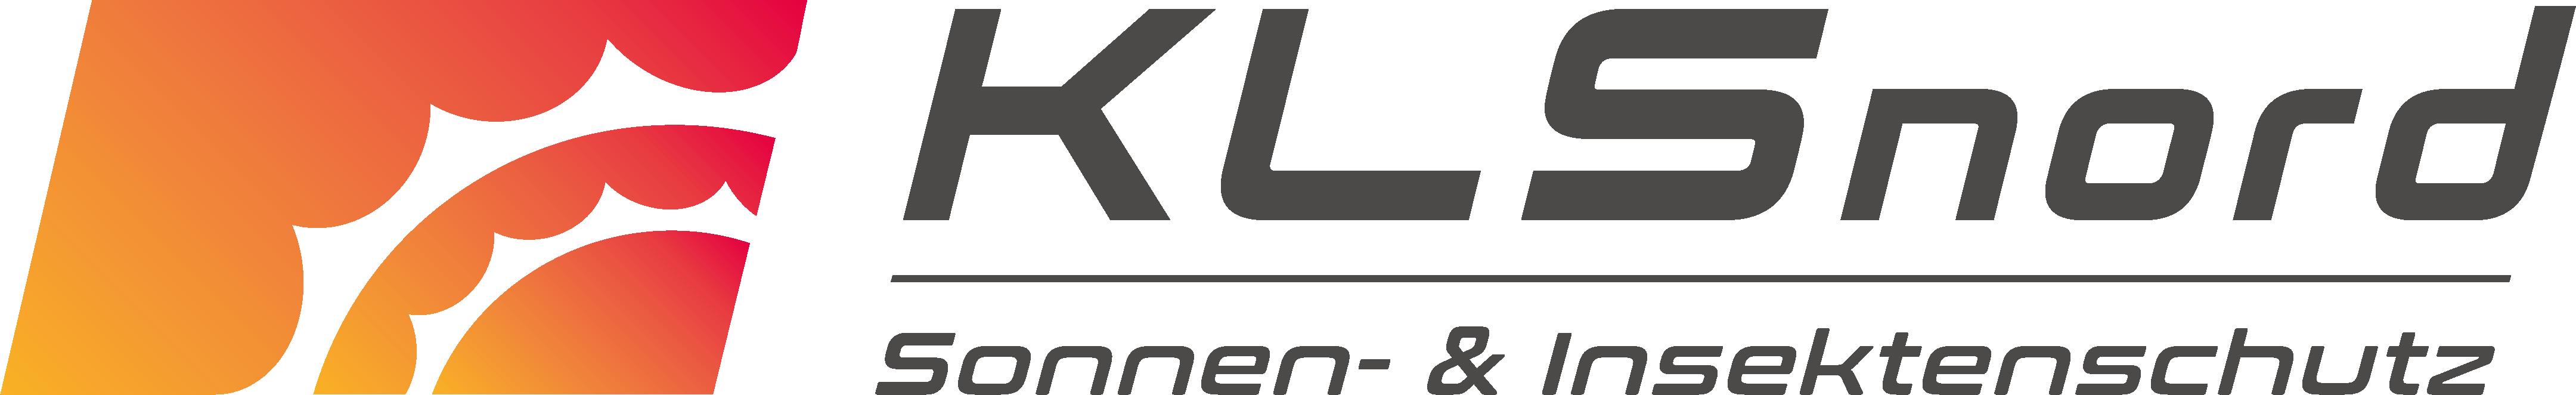 KLSnord Sonnen- & Insektenschutz